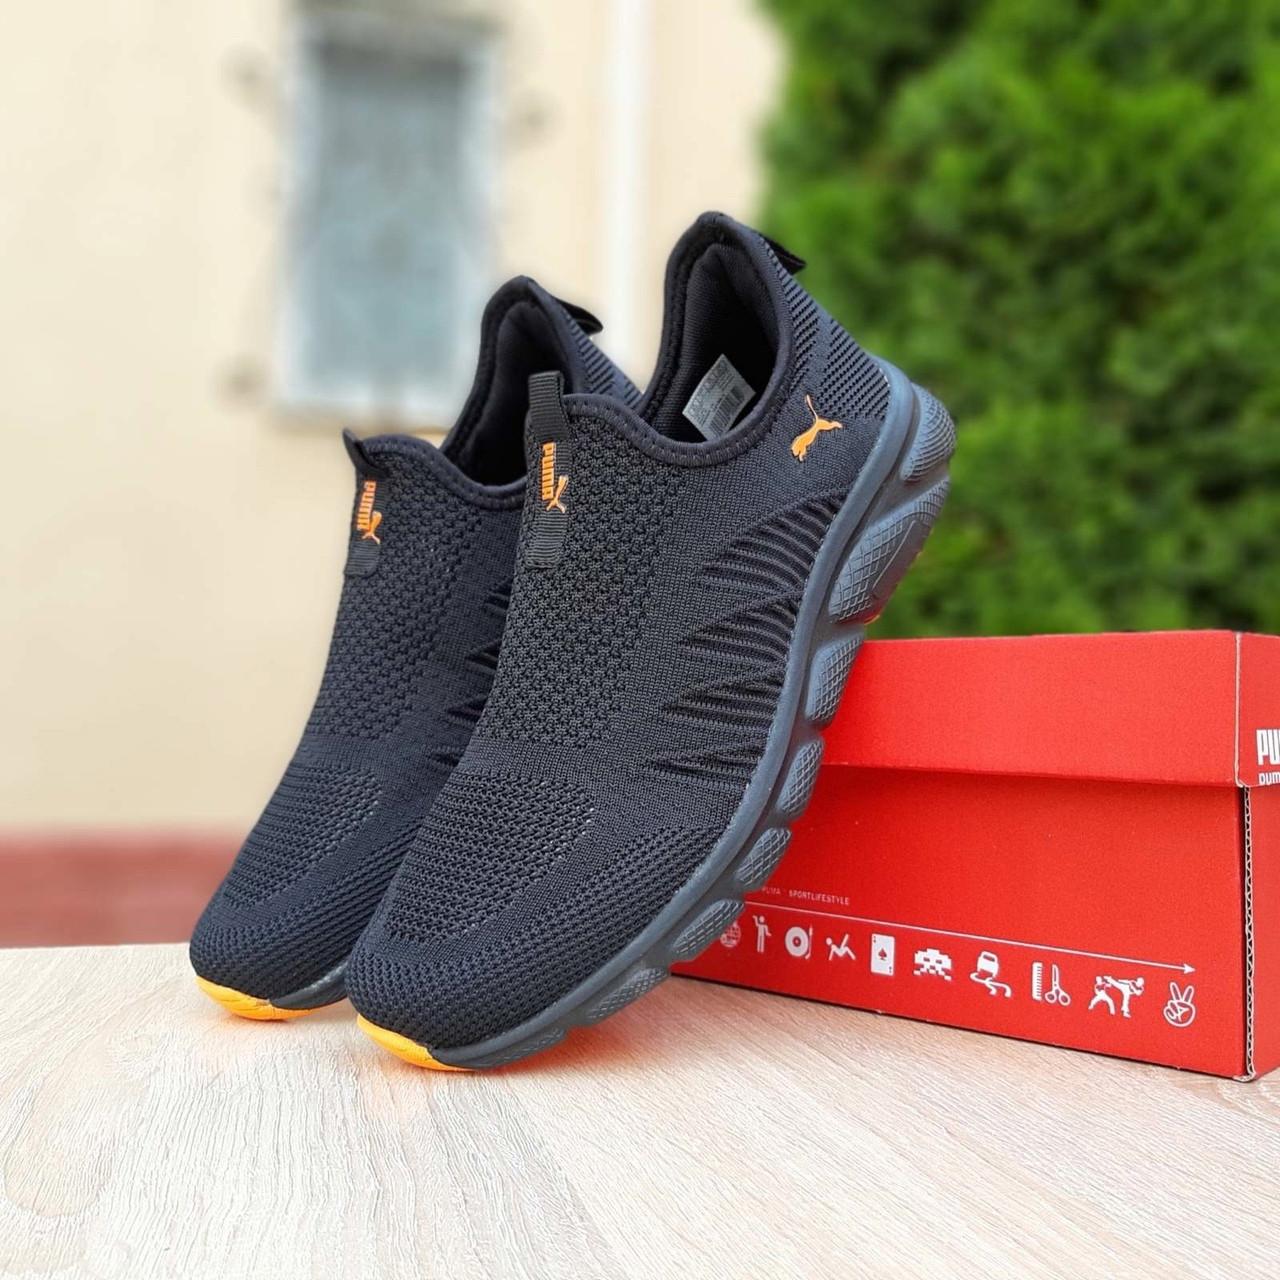 Мужские легкие кроссовки Puma чёрные с оранжевым, 41